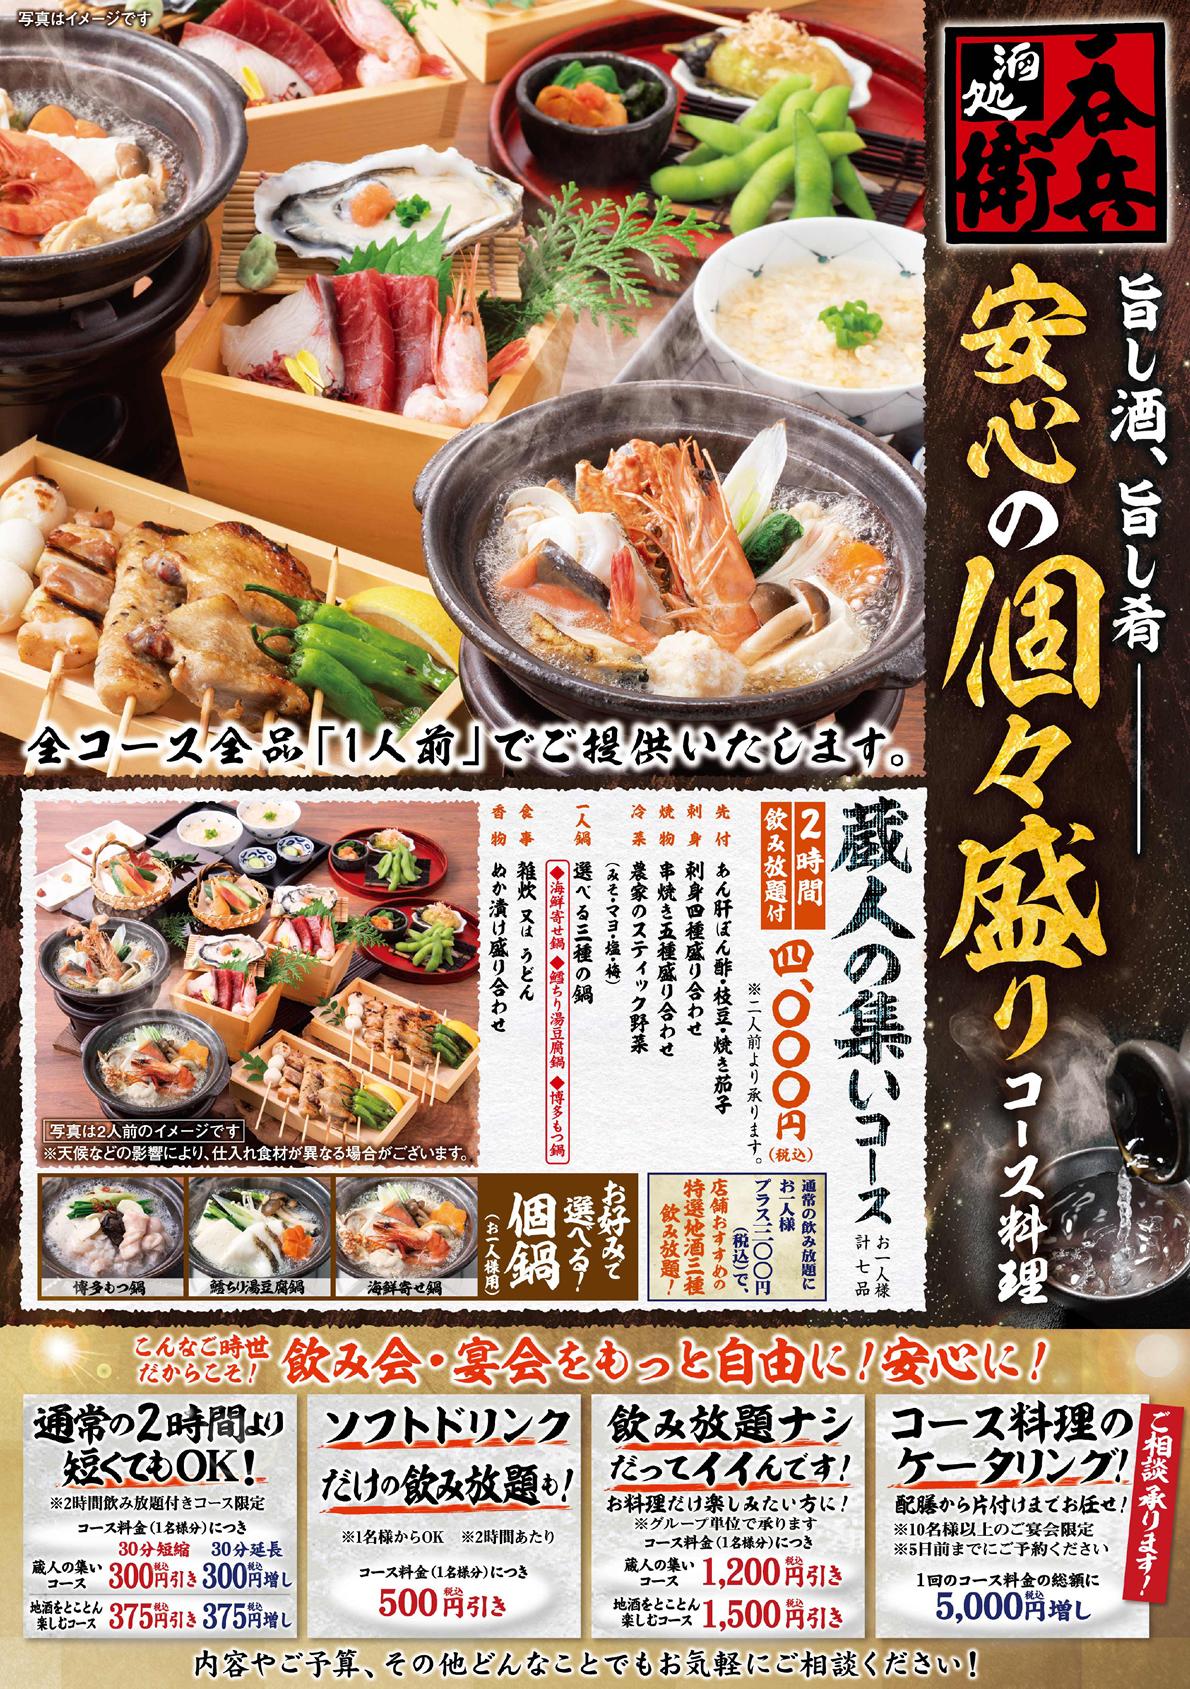 【呑兵衛】11月17日より「旨し酒、旨し魚-安心の個々盛コース」登場!